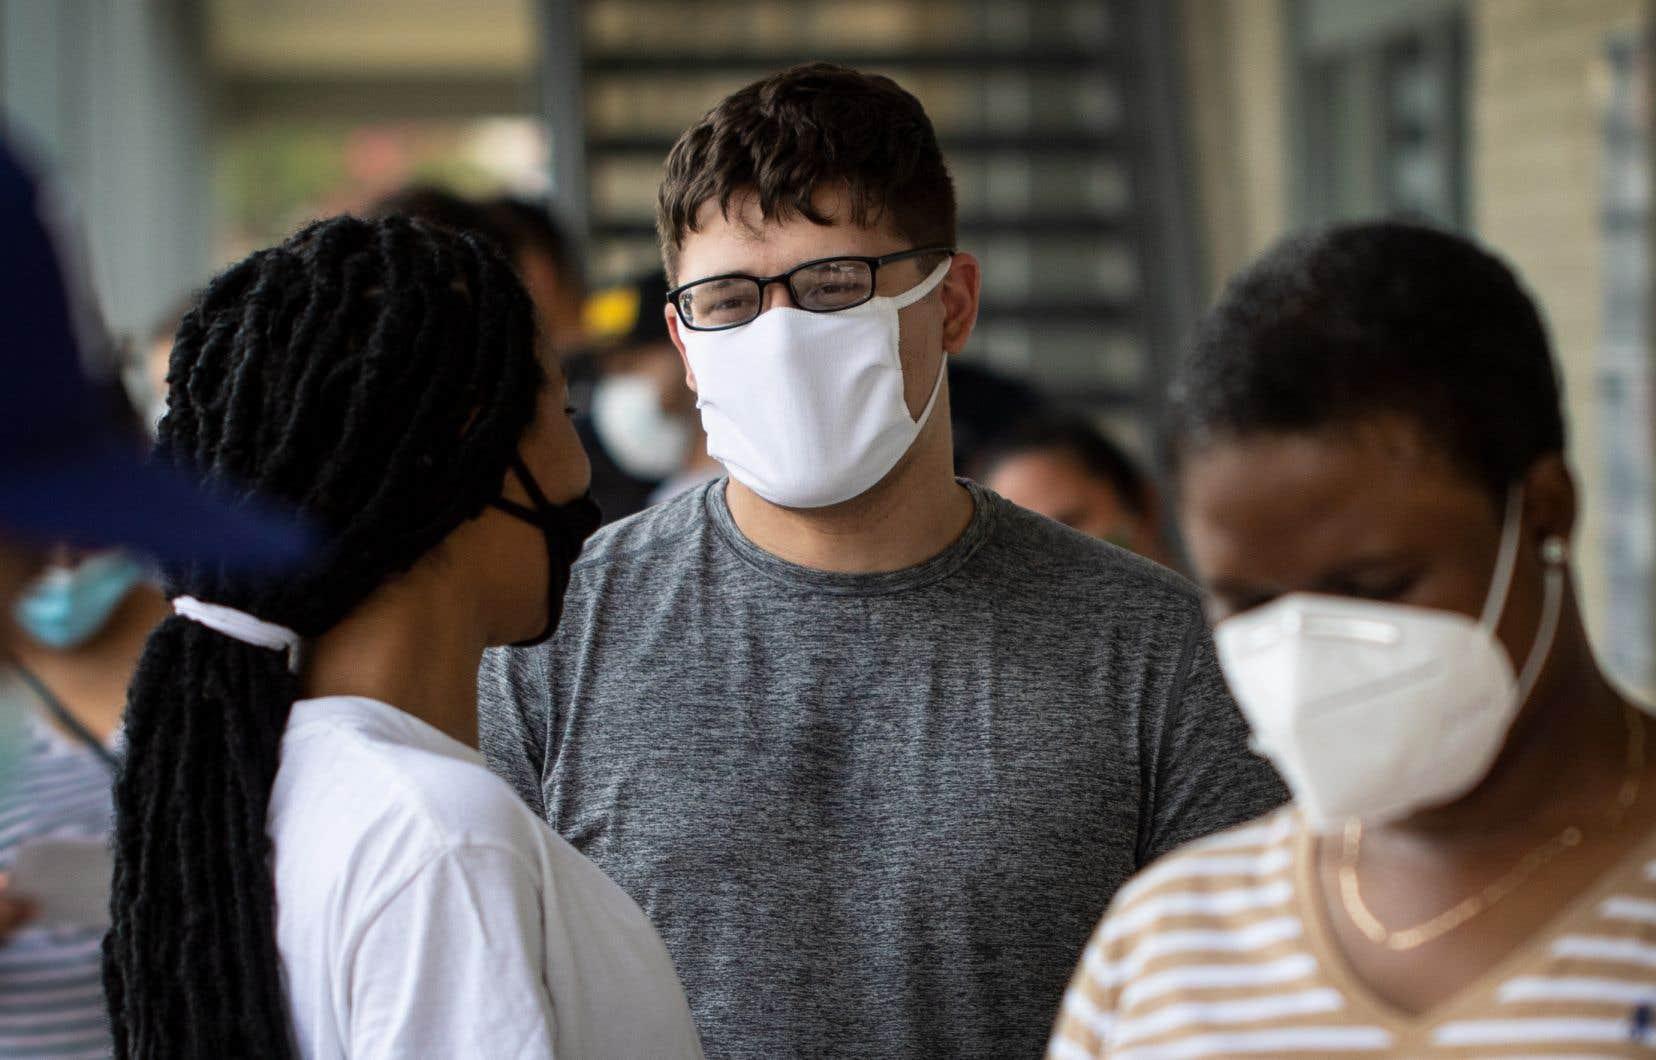 Des patients attendent en ligne pour un test de dépistage de la COVID-19 dans une clinique, à Dallas au Texas.